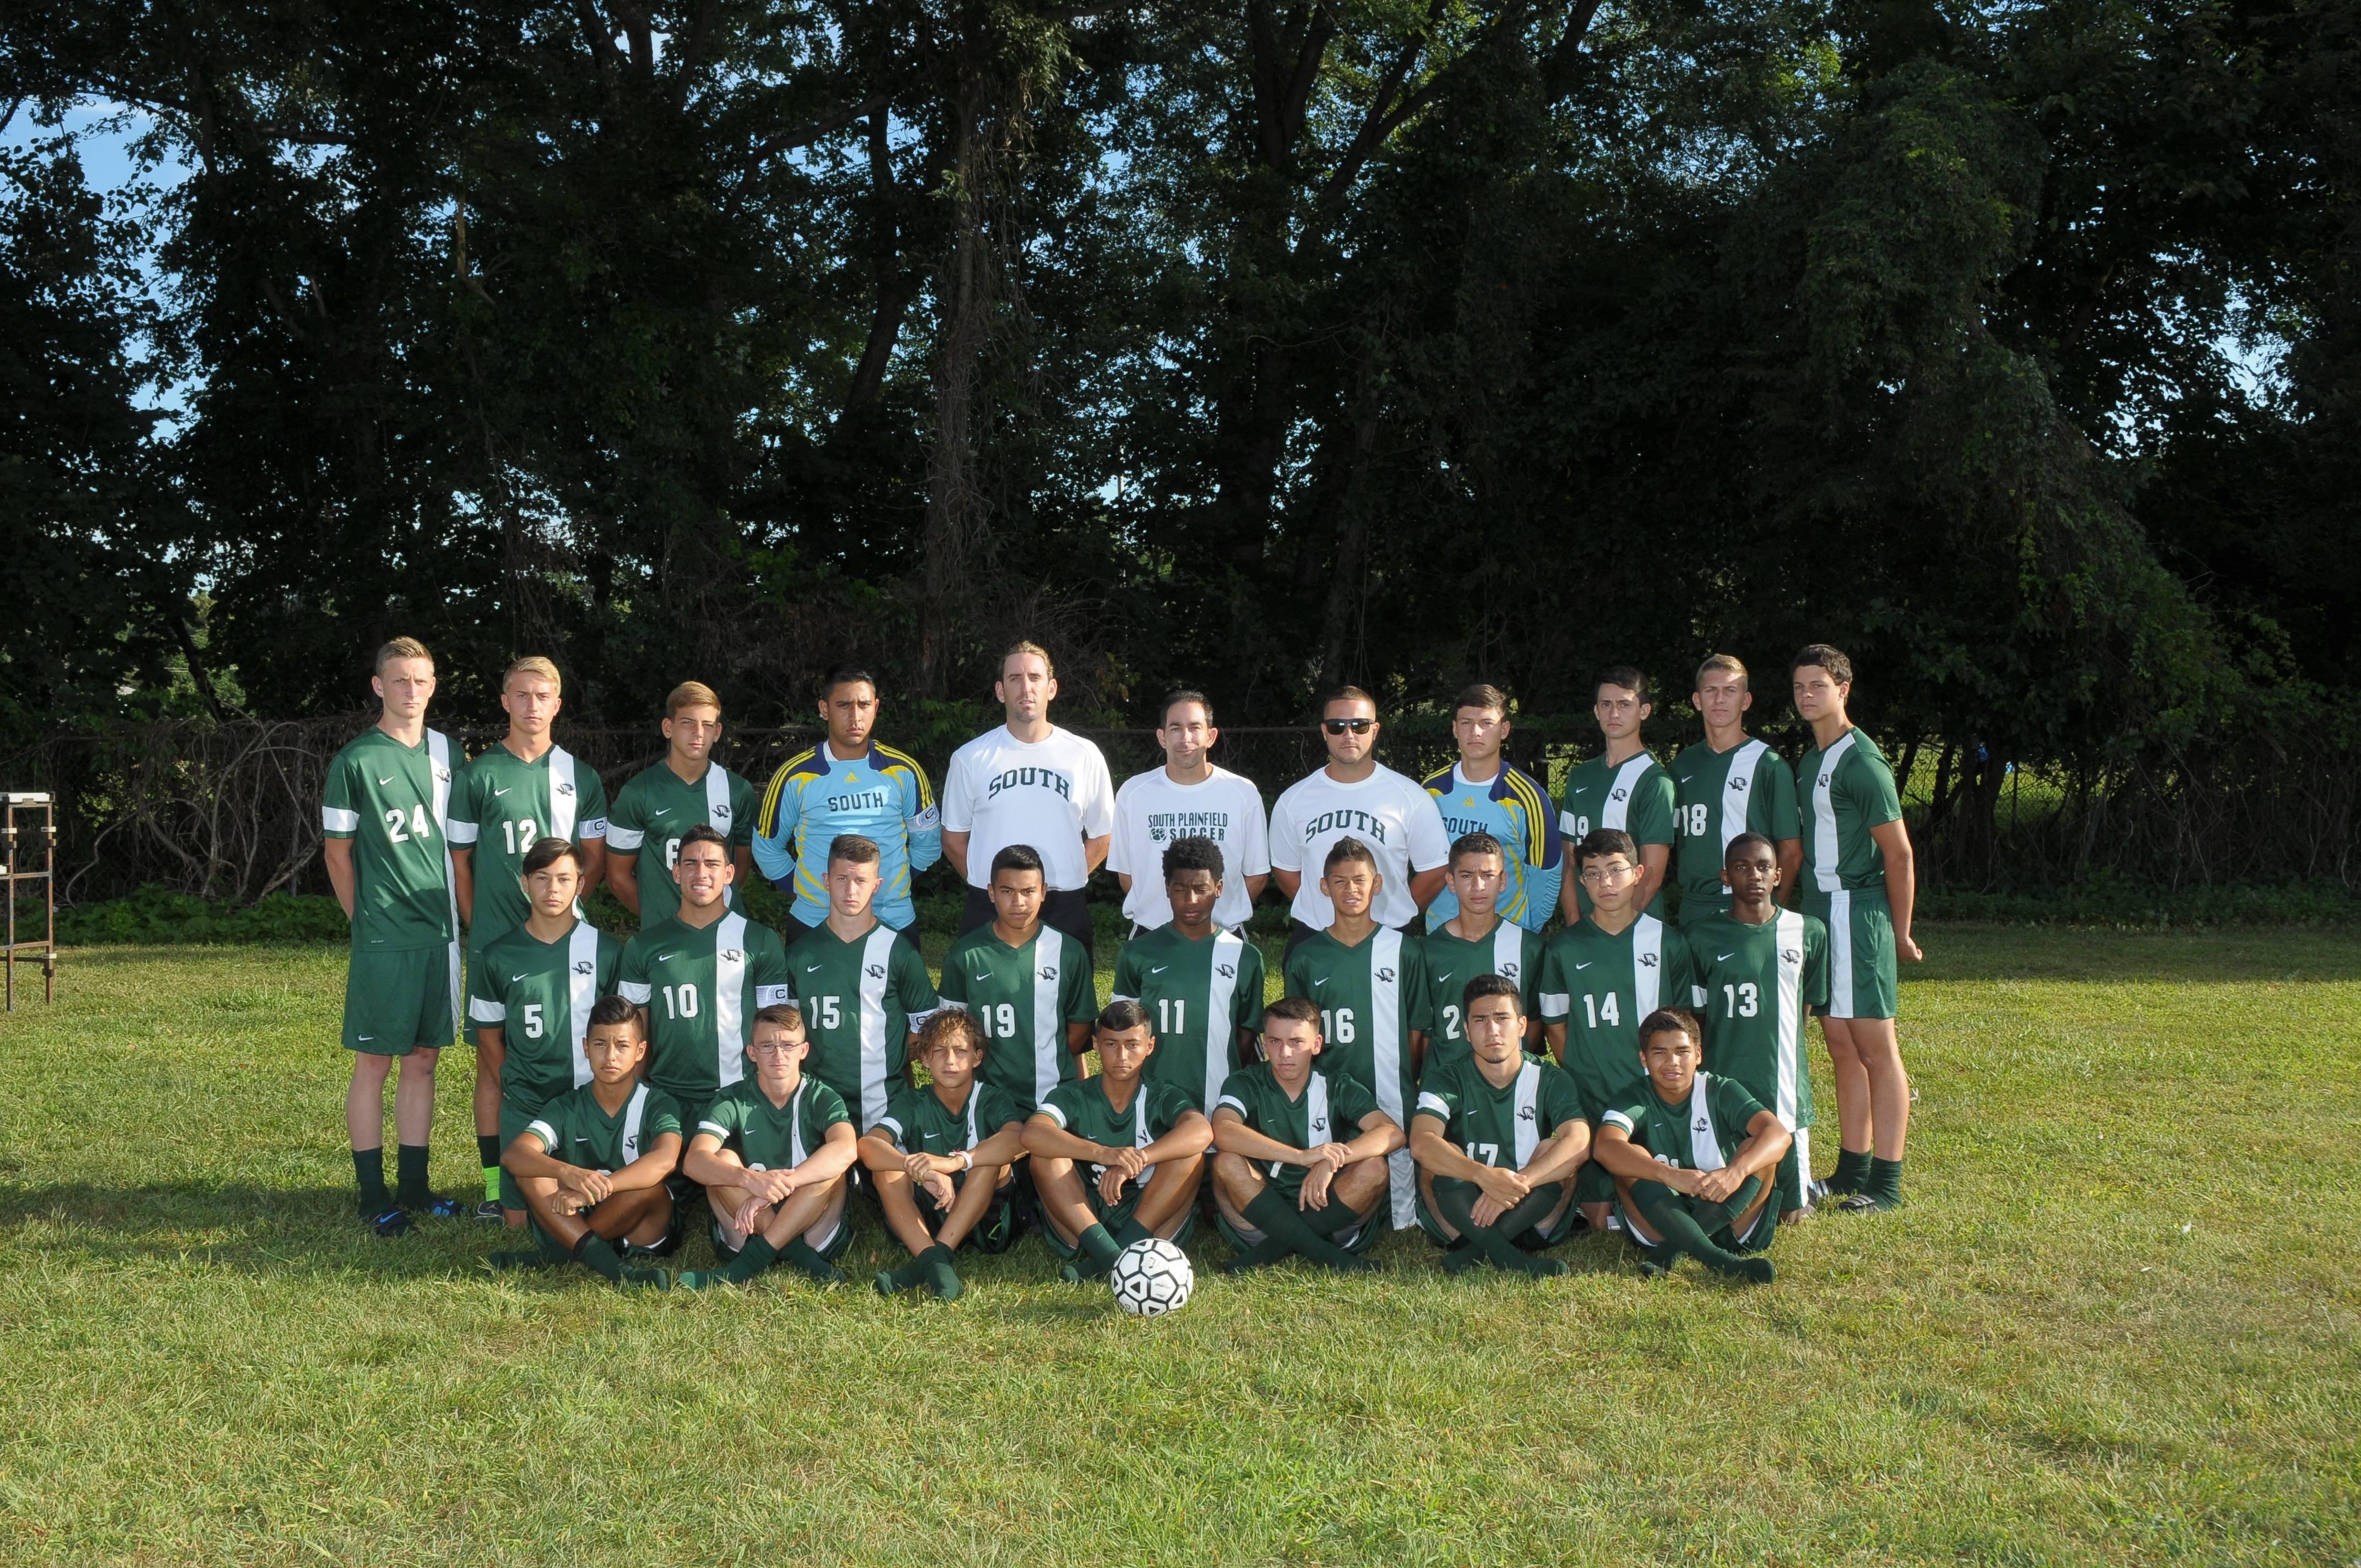 058a60742b7e817cfc19_SPHS_Boys_Soccer_2016.jpg